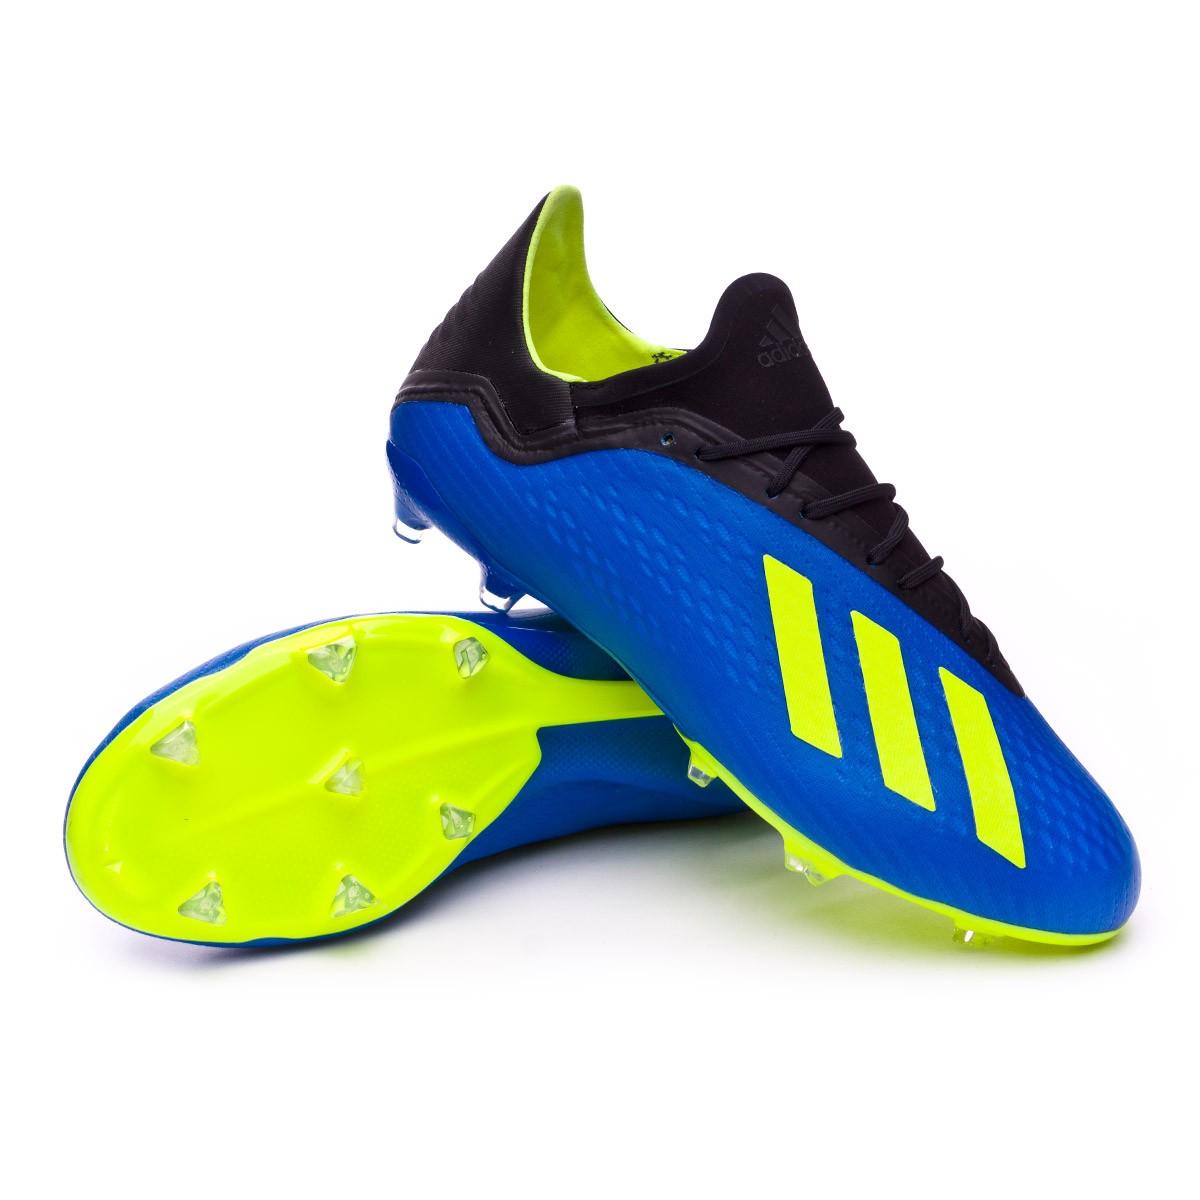 1bc78a05f9f3cf Scarpe adidas X 18.2 FG Foot blue-Solar yellow-Black - Negozio di calcio  Fútbol Emotion